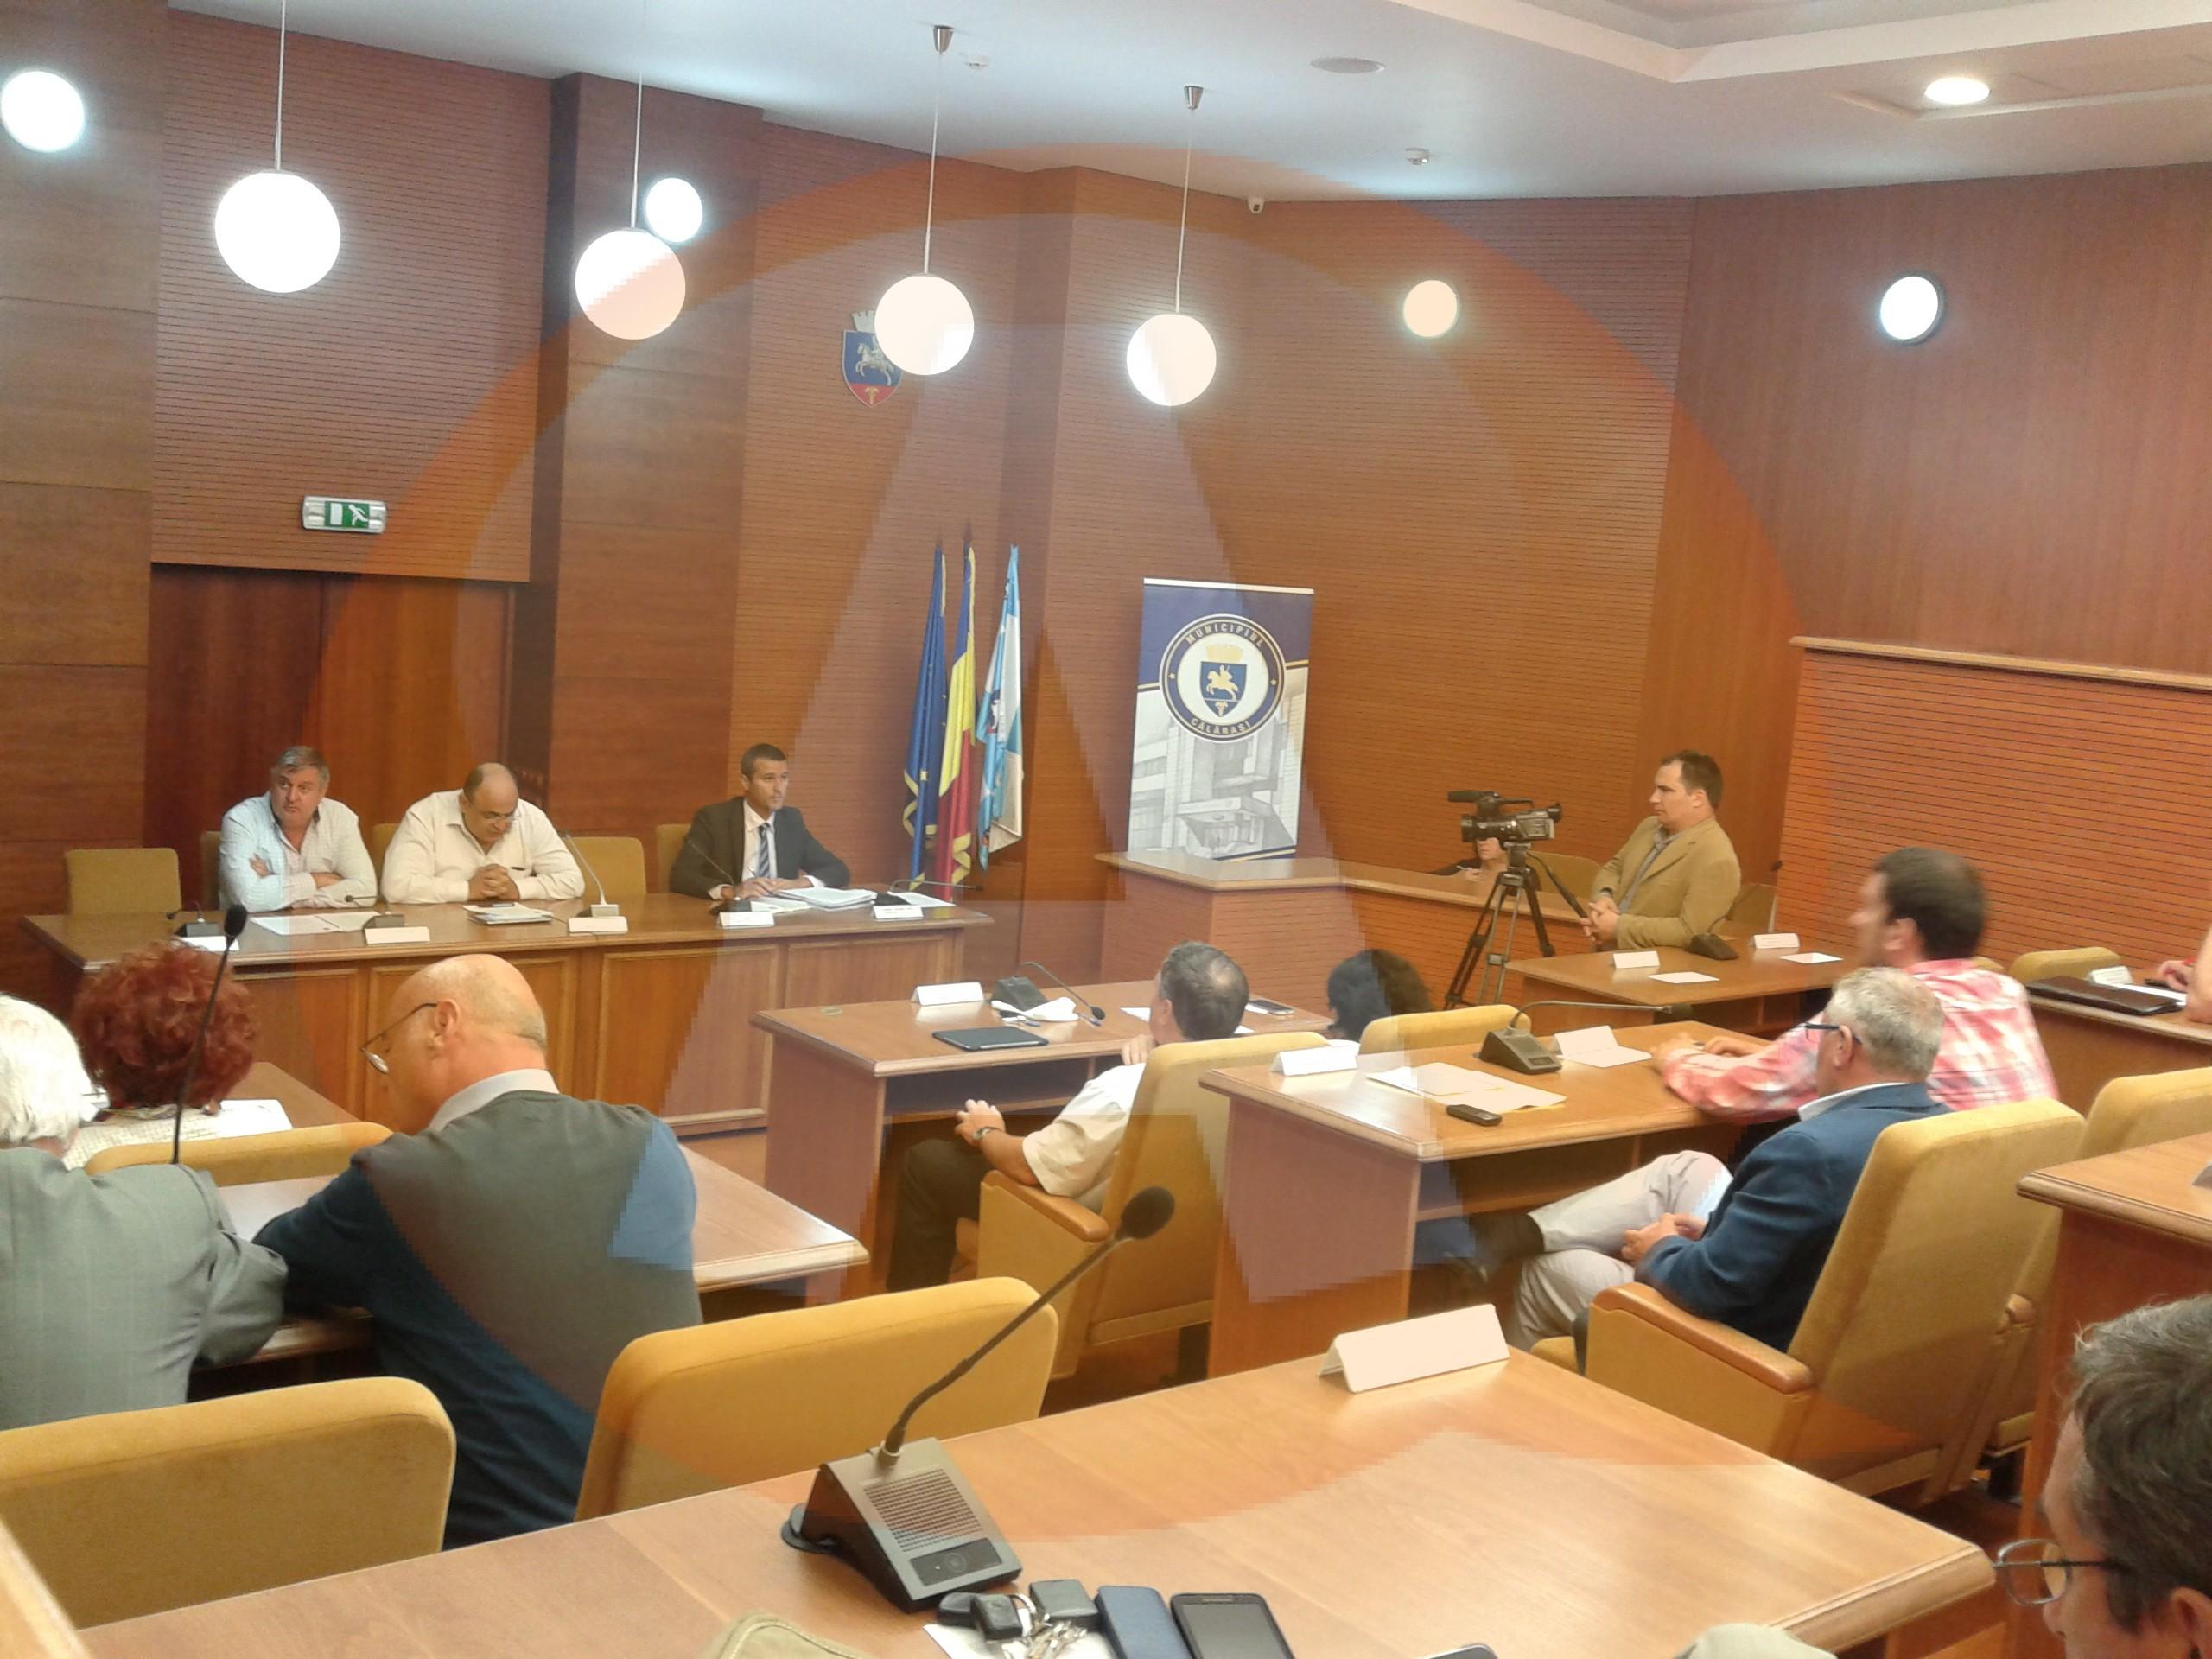 Joi, 18 iulie, Consiliul Local al municipiului Călăraşi se convoacă, în şedinţa ordinară